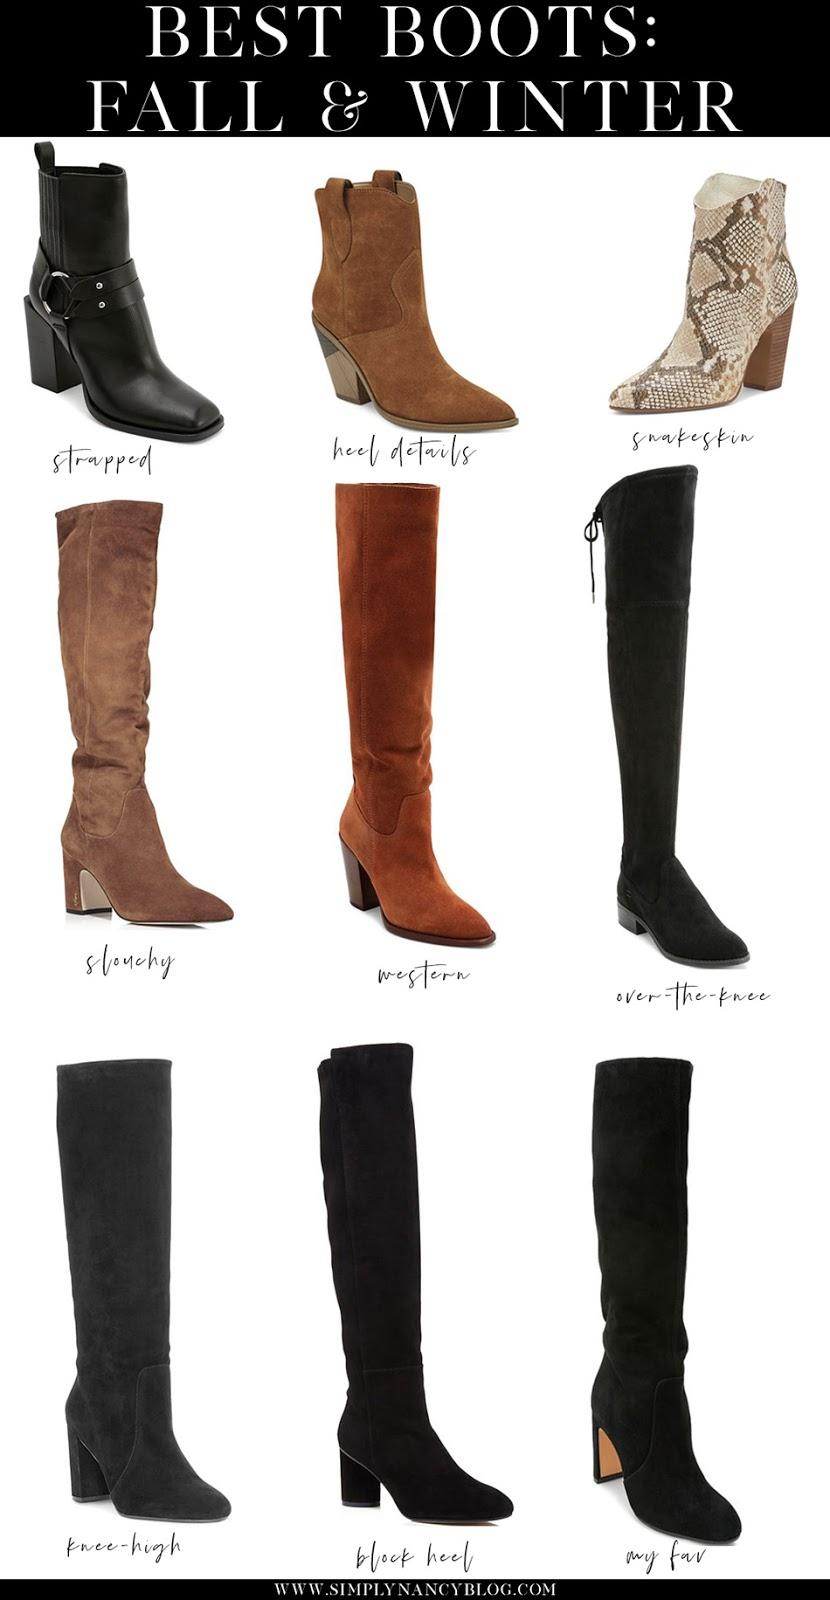 black friday/cyber monday best boots under $200 | dolce vita, stuart weitzman, vince camuto, sam edelmam, marc fisher